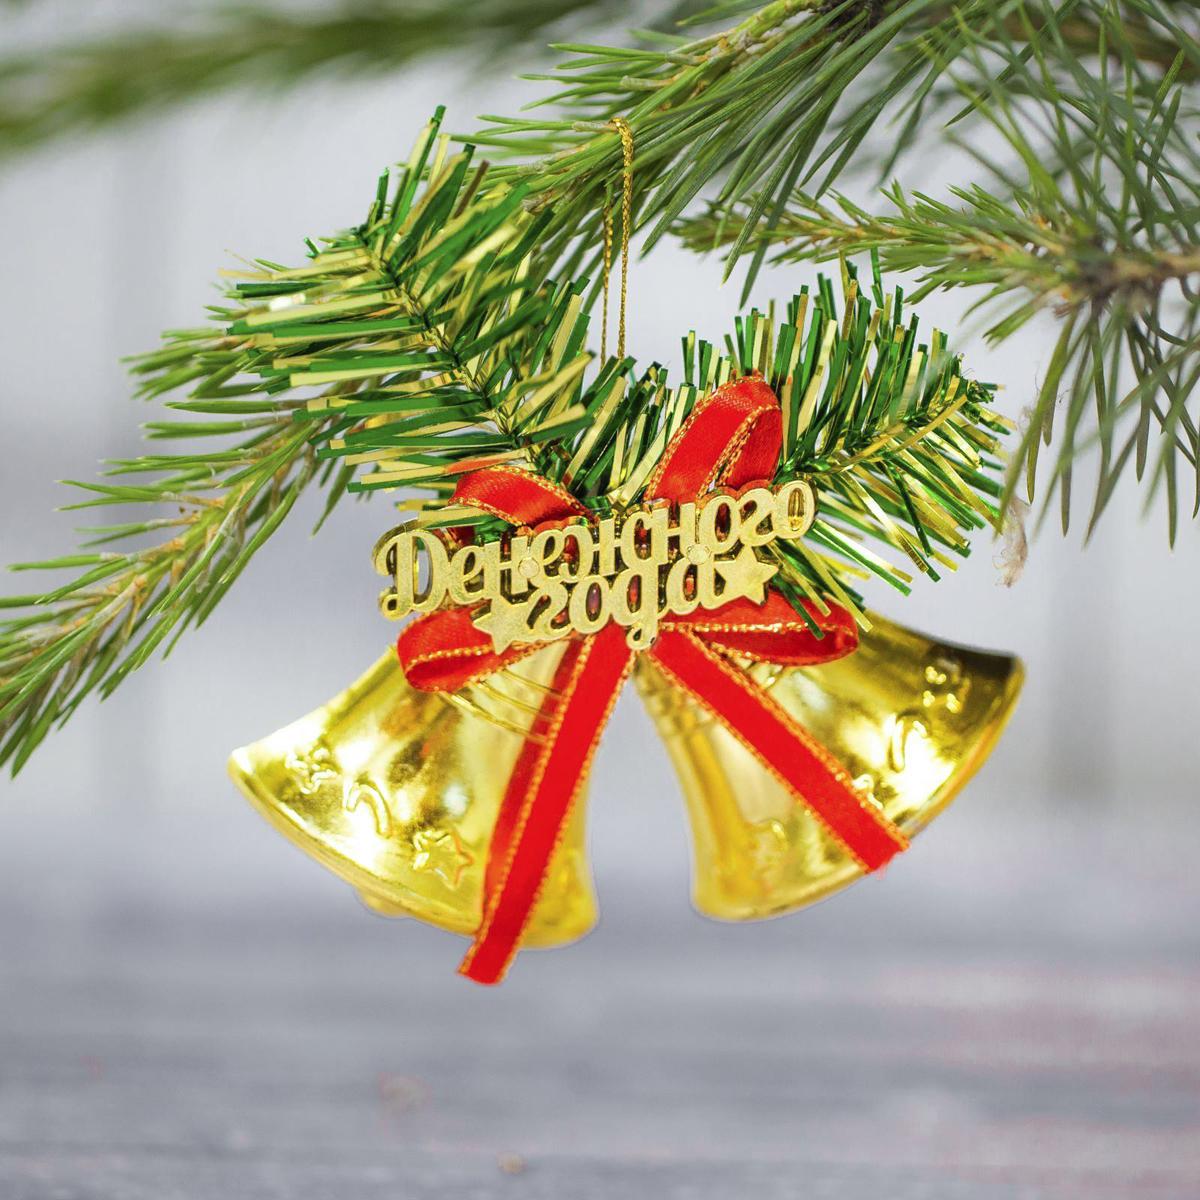 """Новогодние украшения """"Sima-land"""" изготовлены из пластика. Изделия имеют плотный корпус, поэтому не разобьются при падении.Невозможно представить нашу жизнь без праздников! Новогодние украшения несут в себе волшебство и красоту праздника. Создайте в своем доме атмосферу тепла, веселья и радости, украшая его всей семьей."""